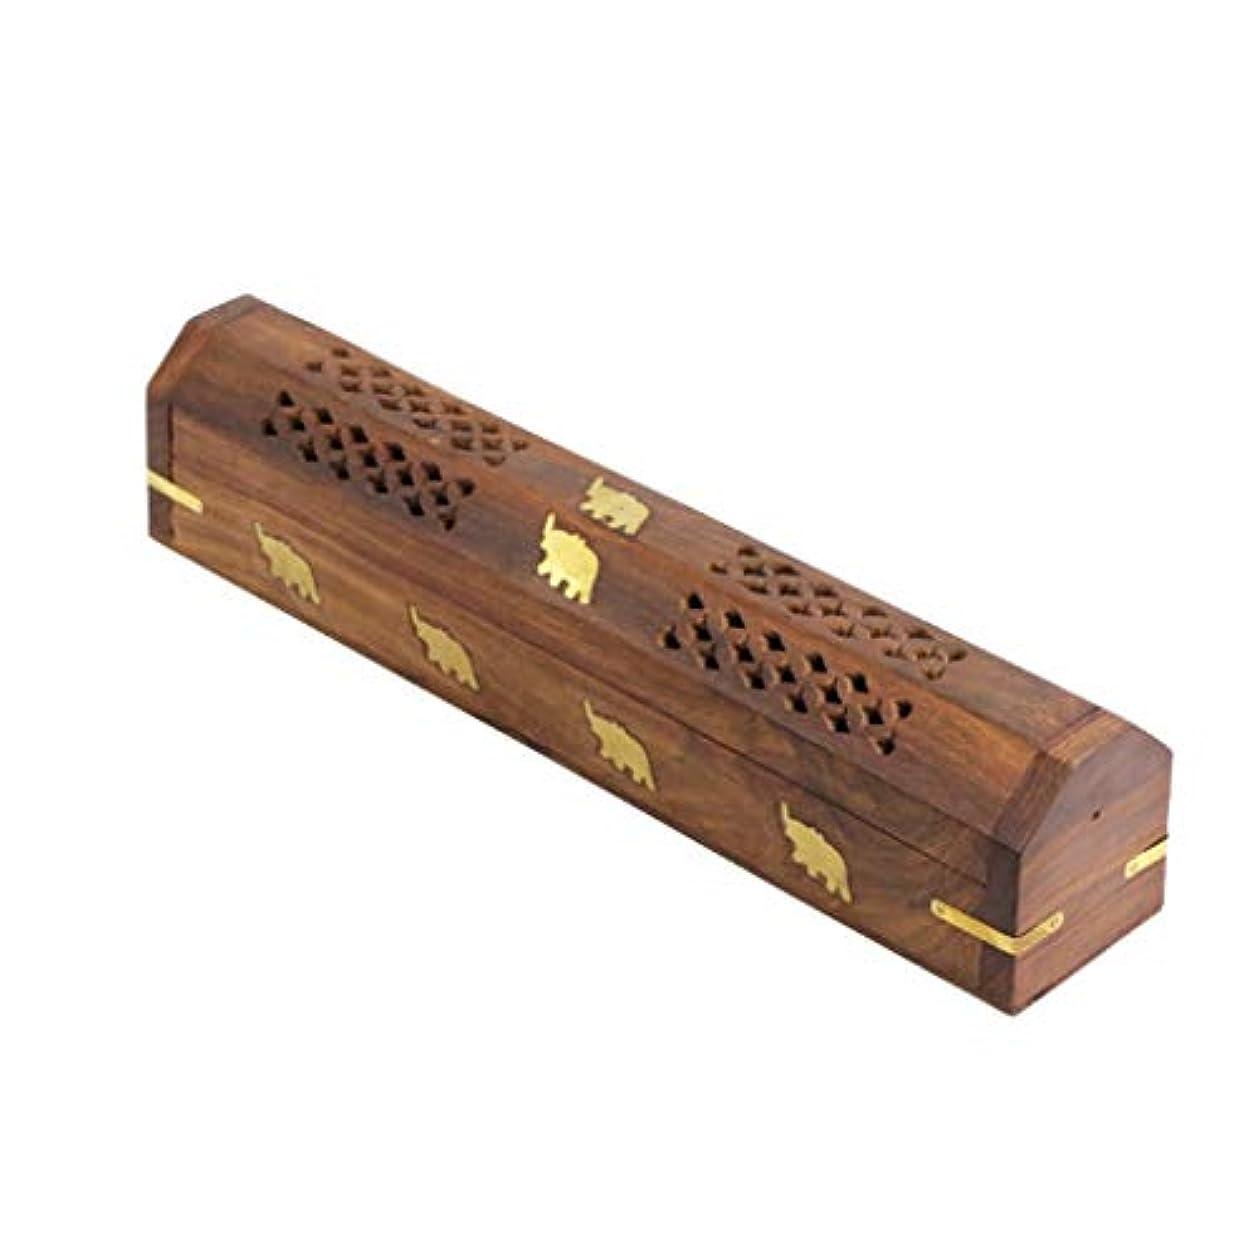 打ち上げる遠近法拍車木製香ホルダーブラウン香スティックバーナーホルダーアッシュキャッチャーホームフレグランス装飾品香炉 (Color : Brown, サイズ : 12*2.2*2.36inchs)